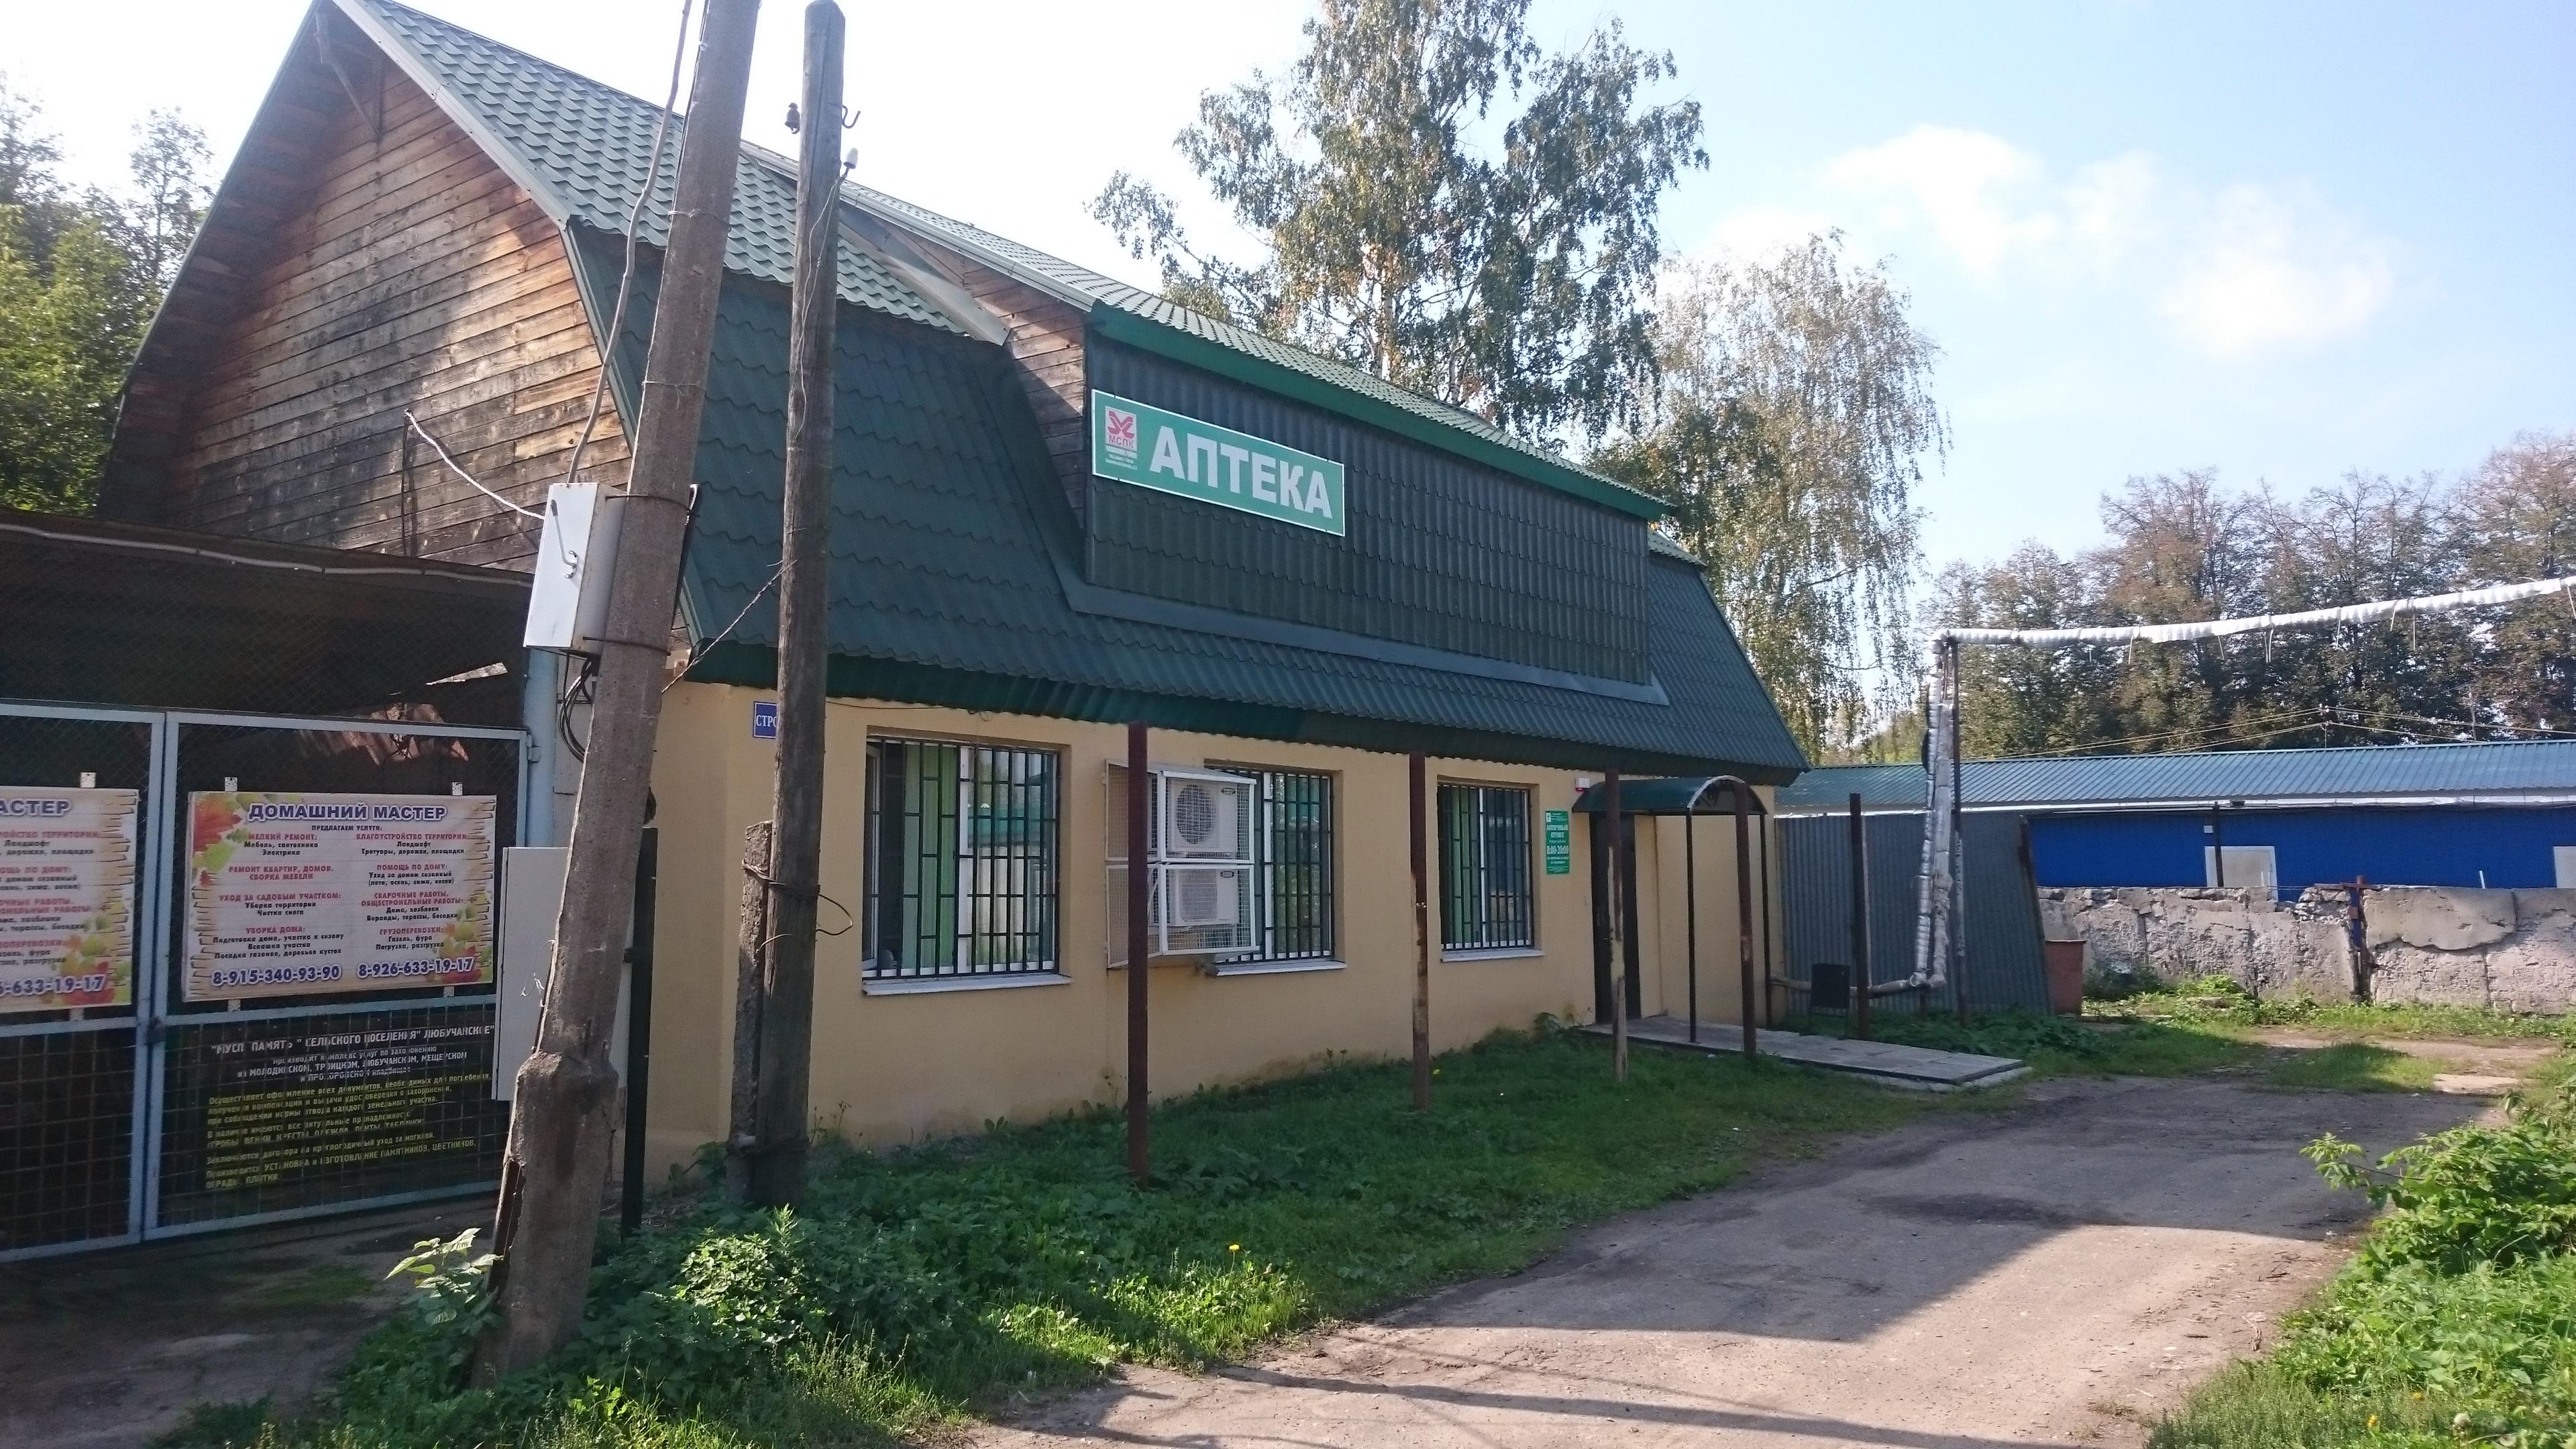 Аренда помещения (здания) в Чеховском районе